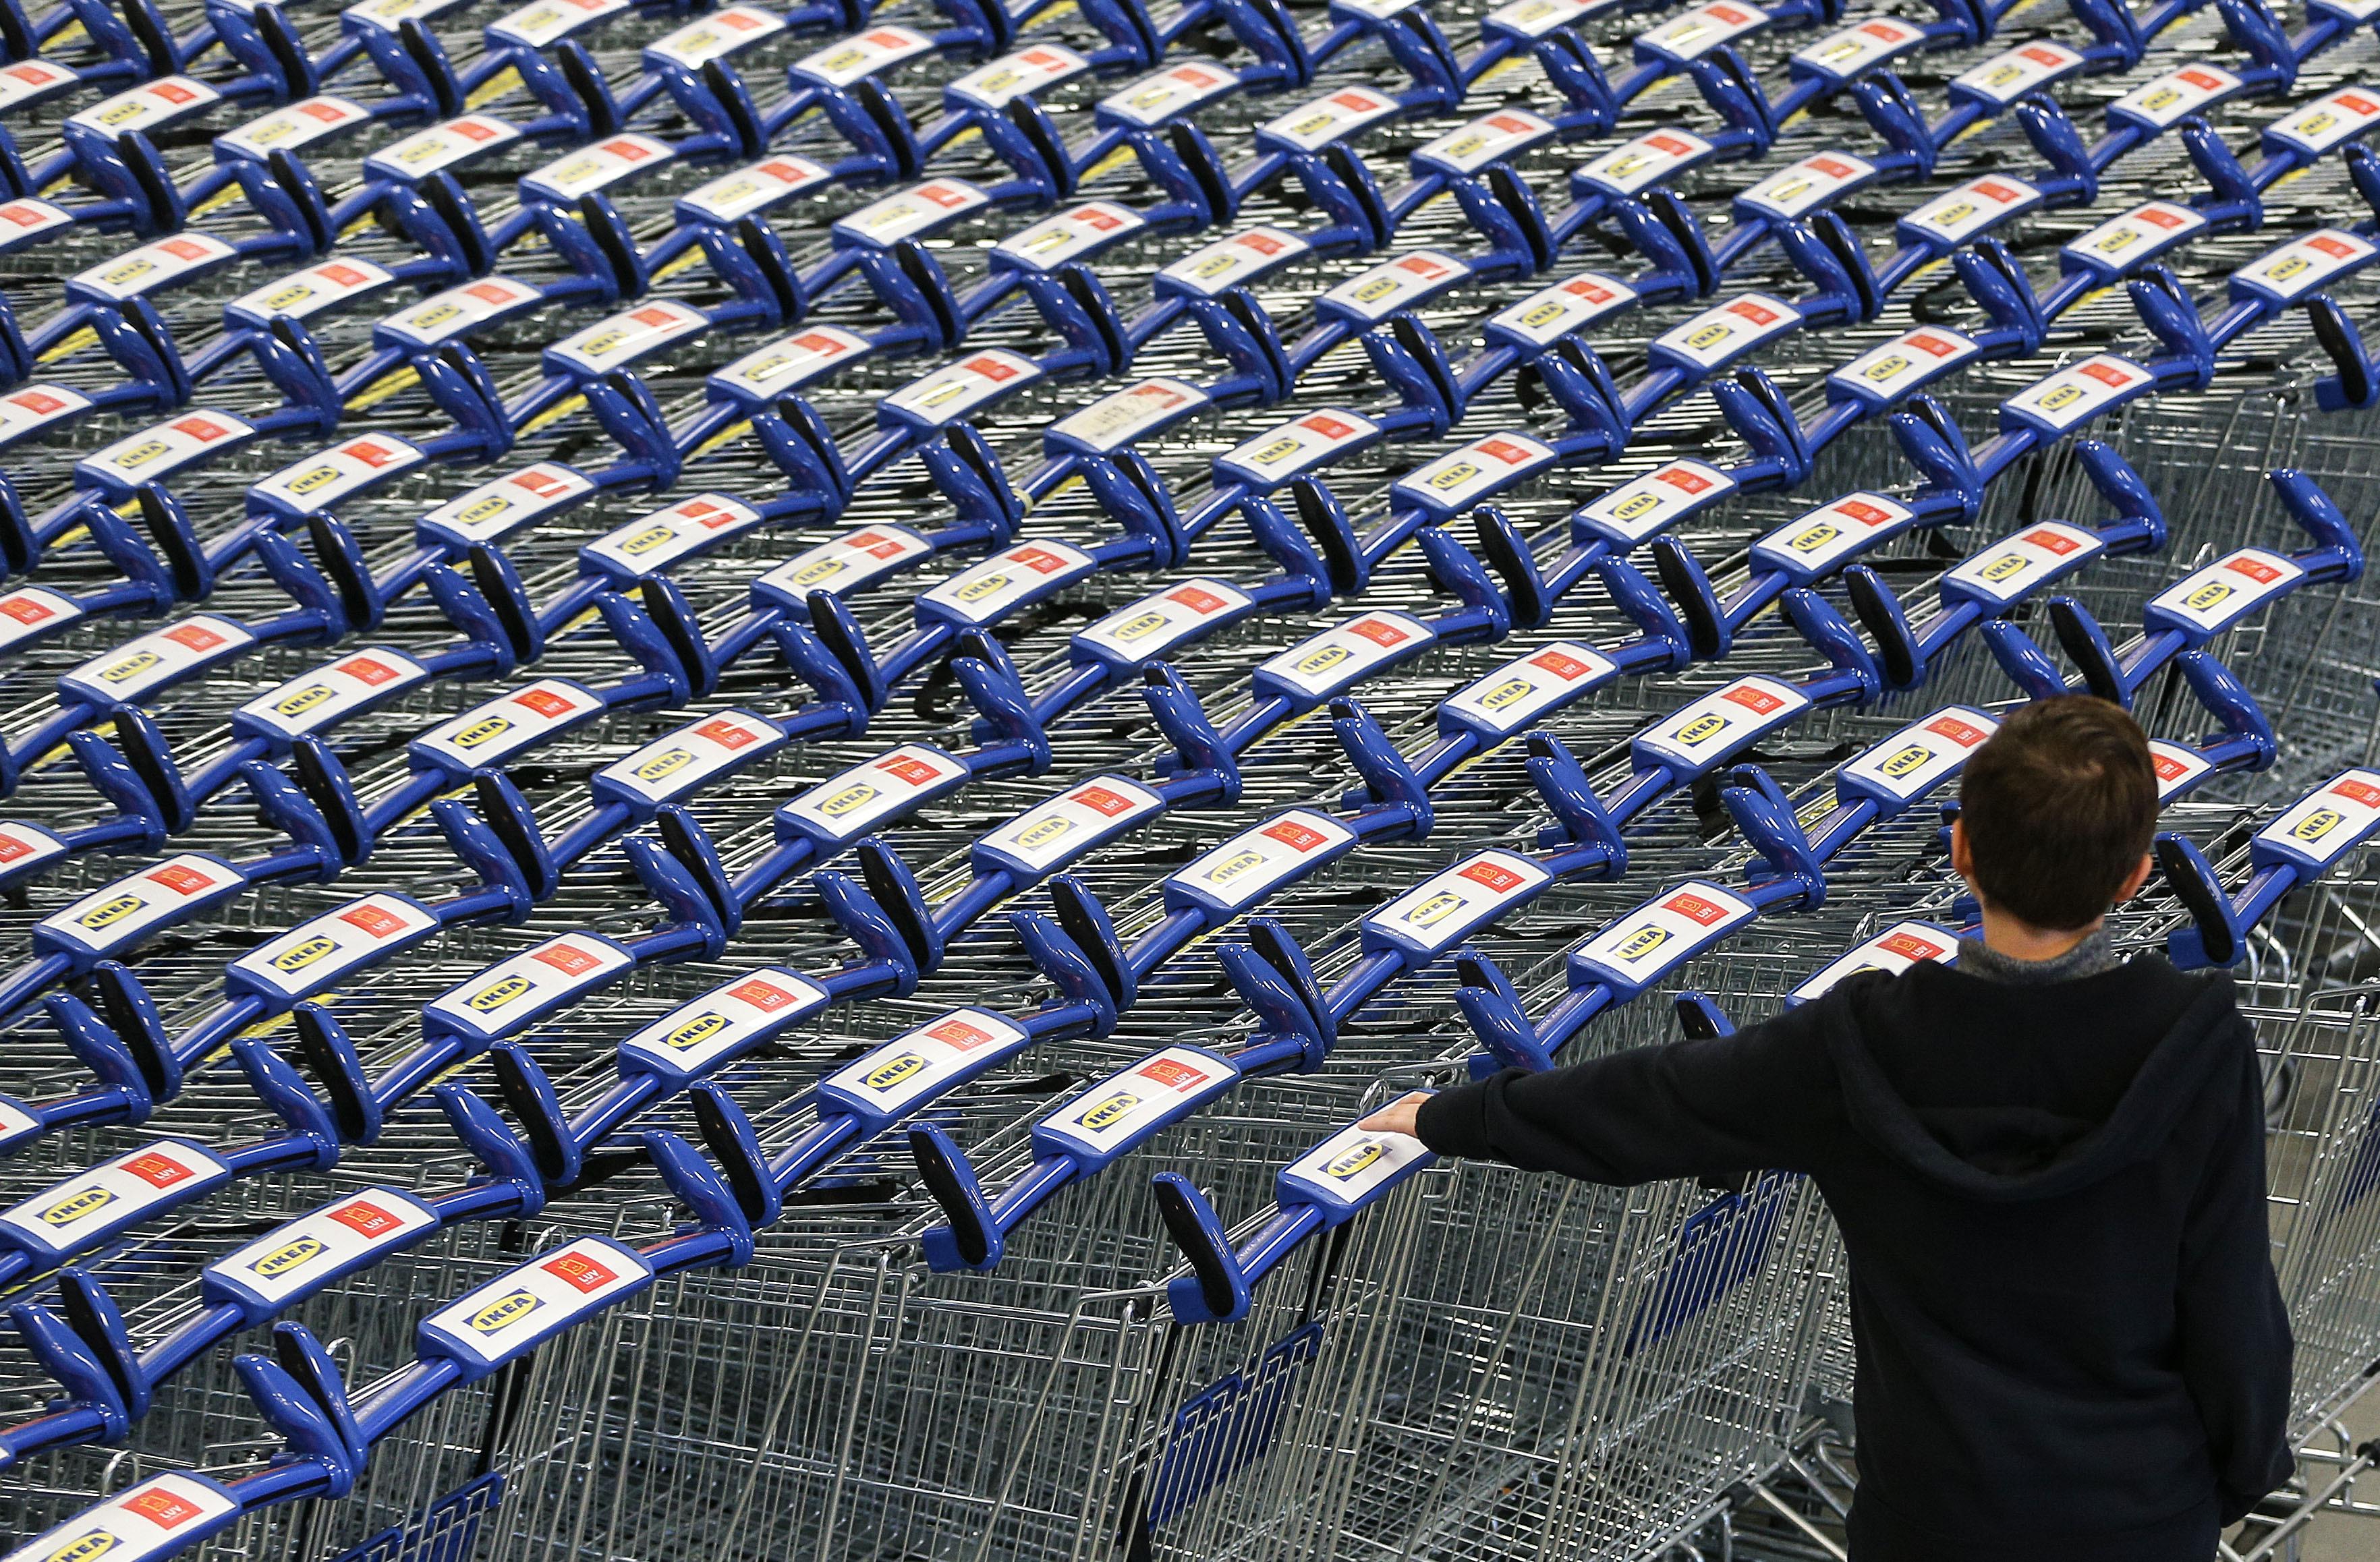 Munkaerőhiány → akár tíz százalékos áremelkedés is jöhet a boltokban